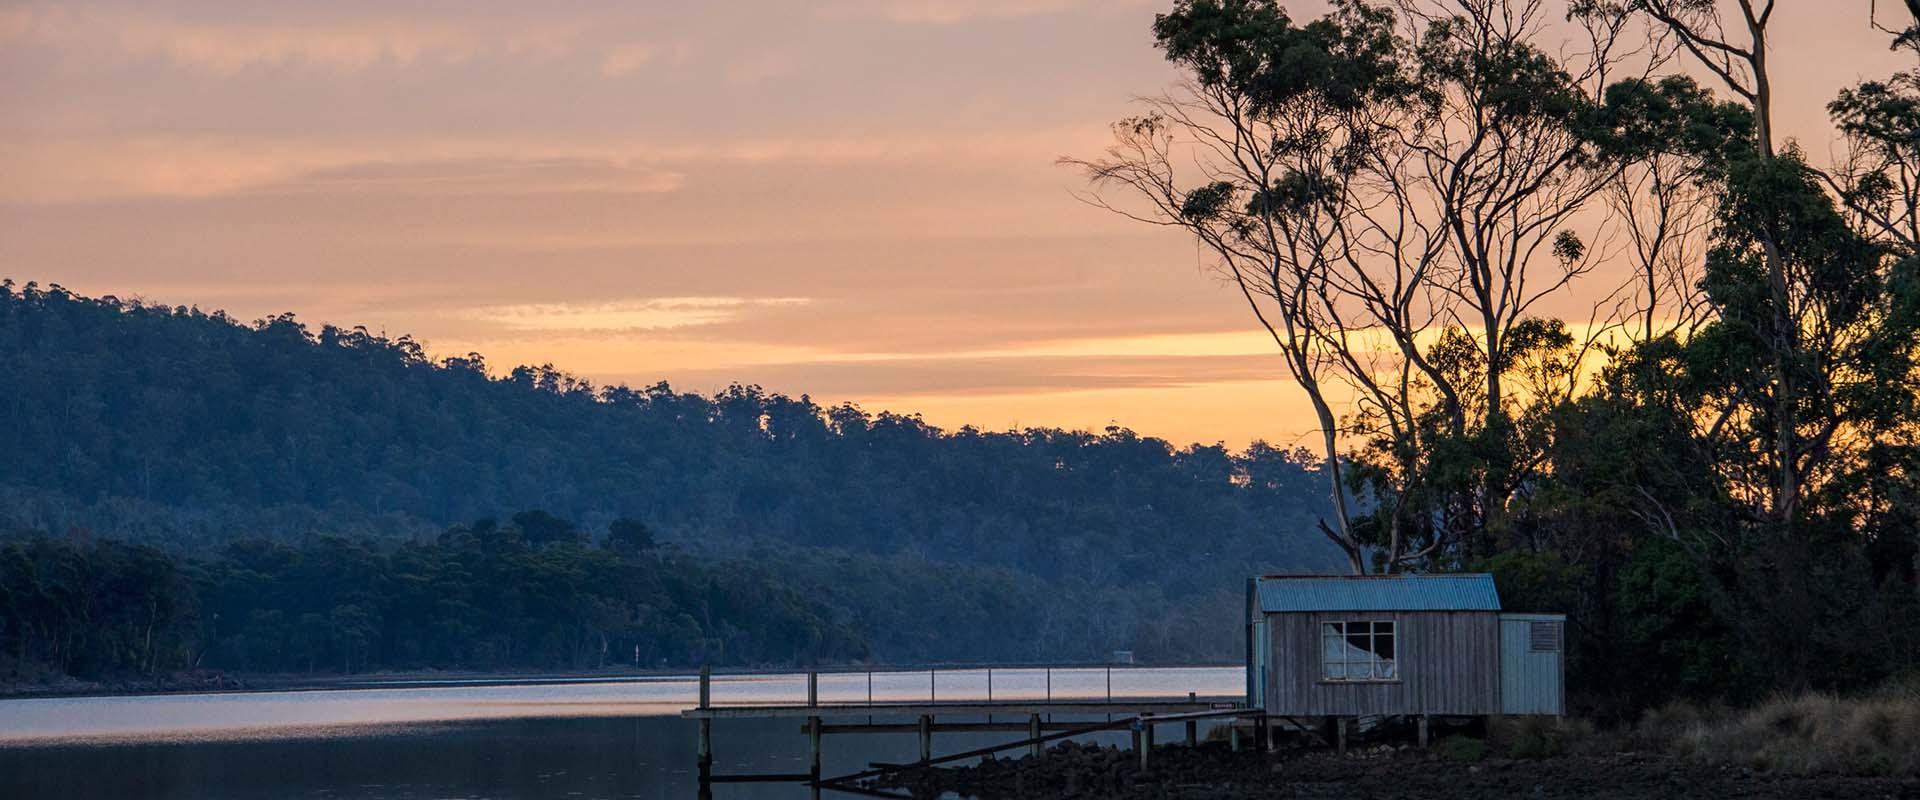 Tasmania Public Holidays 2018 - PublicHolidays com au